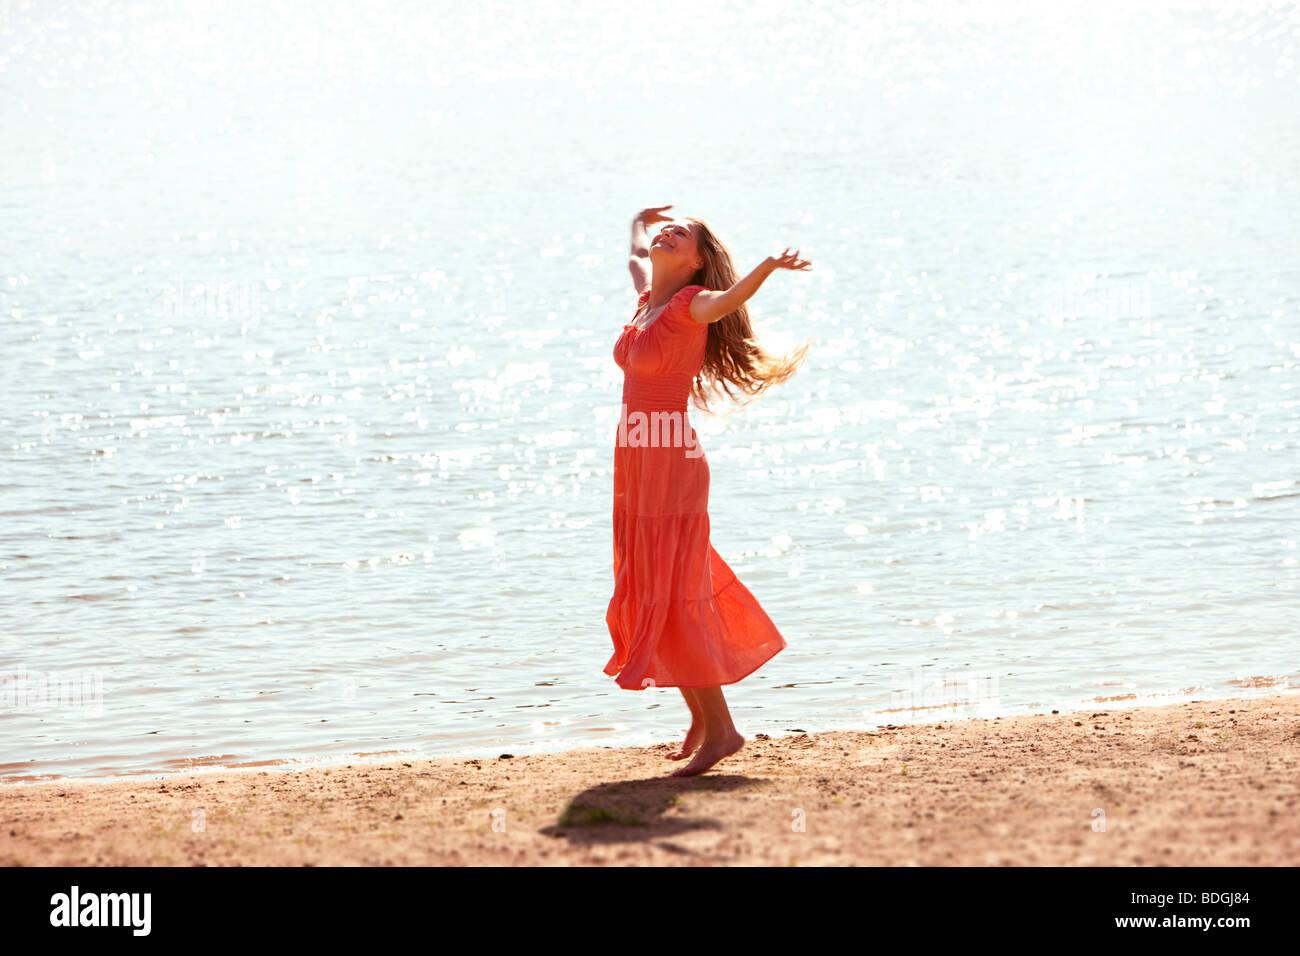 Femme dansant sur une plage avec l'abandon, les bras tendus. Photo Stock